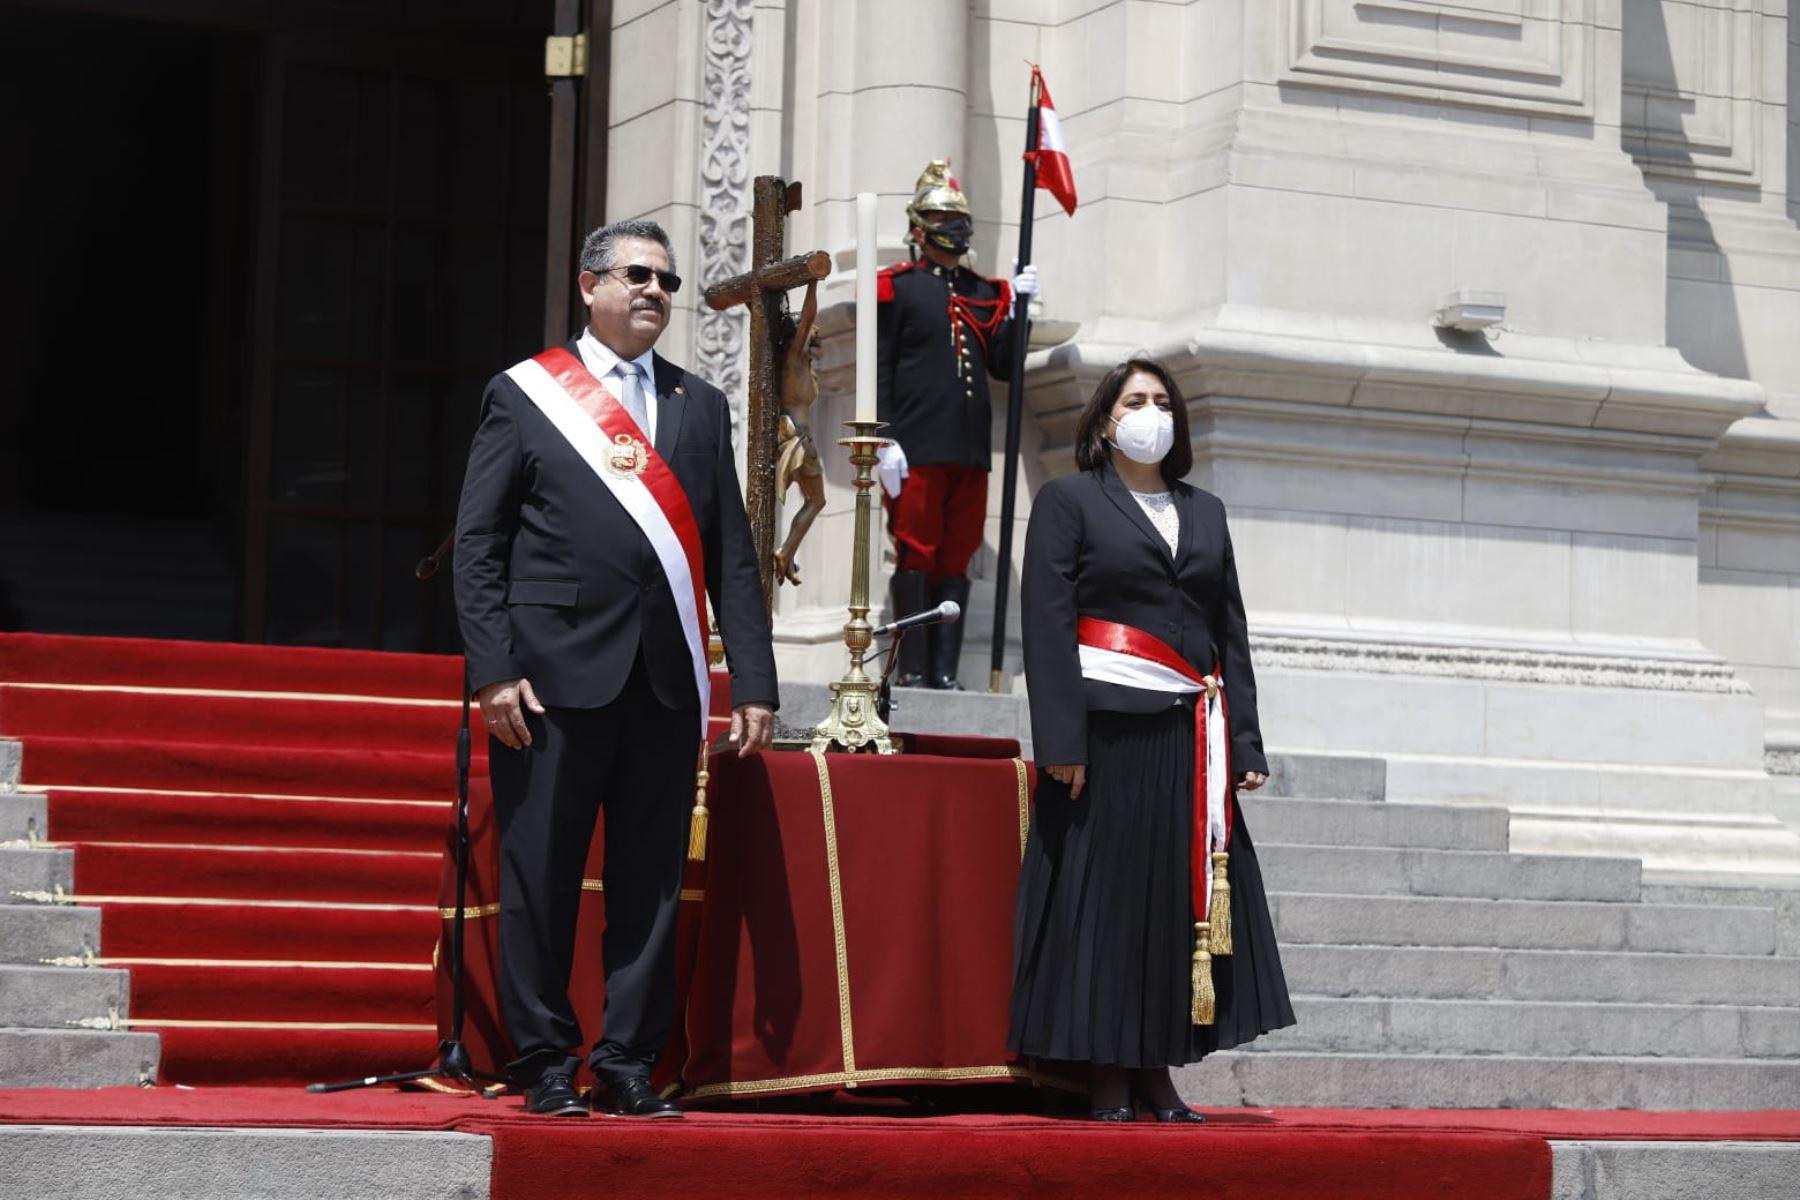 Conoce la hoja de vida de la ministra de Justicia, Delia Muñoz | Noticias |  Agencia Peruana de Noticias Andina